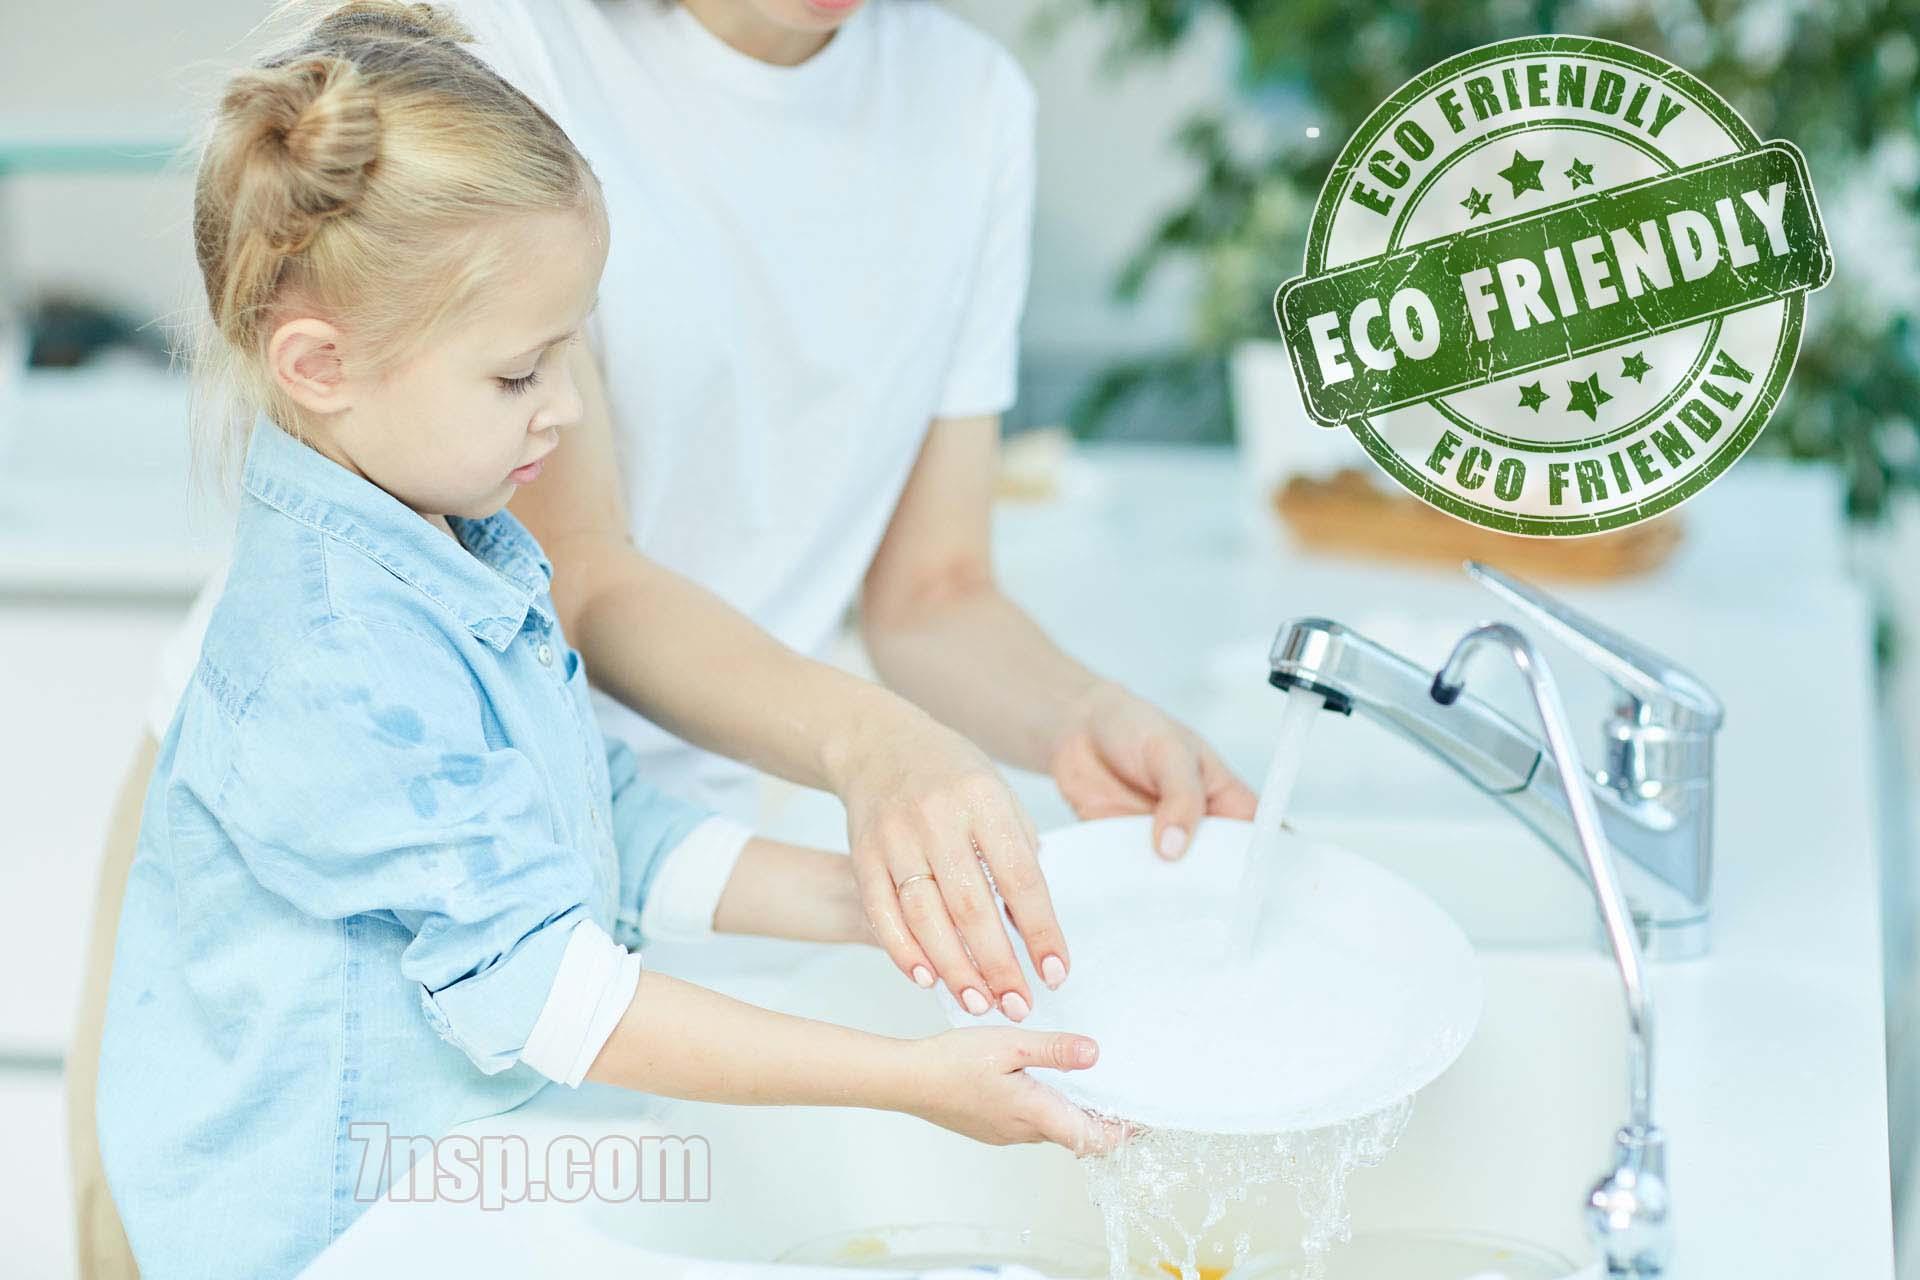 Натуральные хозяйственные моющие средства без содержания в составе фосфатов, боратов, кислот для мытья посуды, рук, волос, окон, овощей, стирки белья